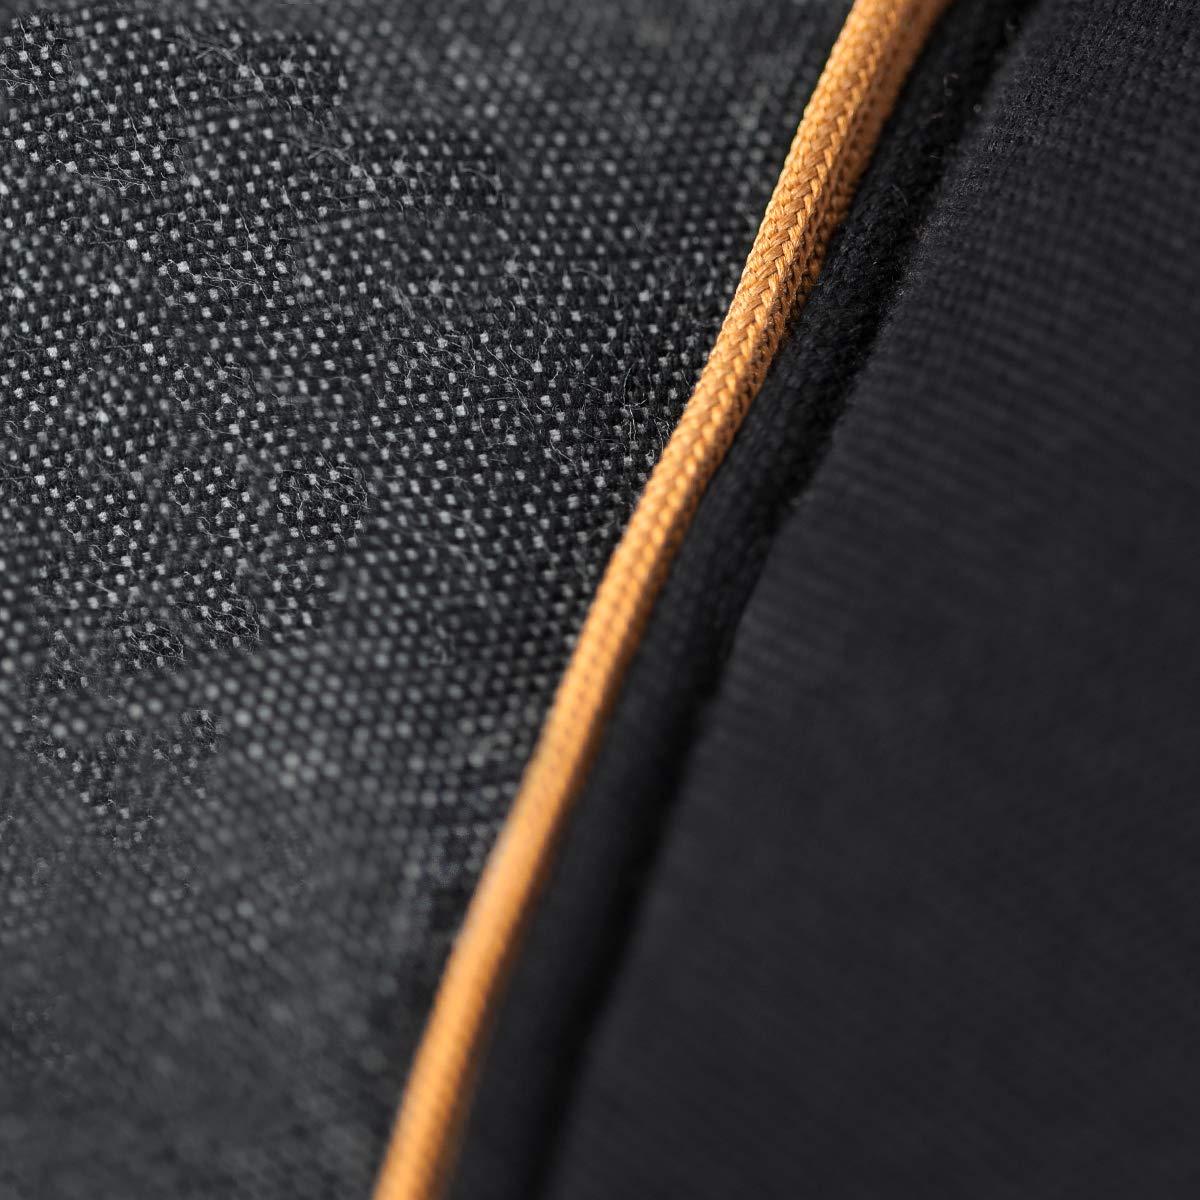 schwarz//toffee-braun Verstellbarer Sitz Bio-Baumwolle f/ür Babys /& Kinder von 3,5 bis 20 kg manduca Babytrage XT All-In-One//Cotton denim-black//Ergonomische Babytrage und Neugeborenen-Trage